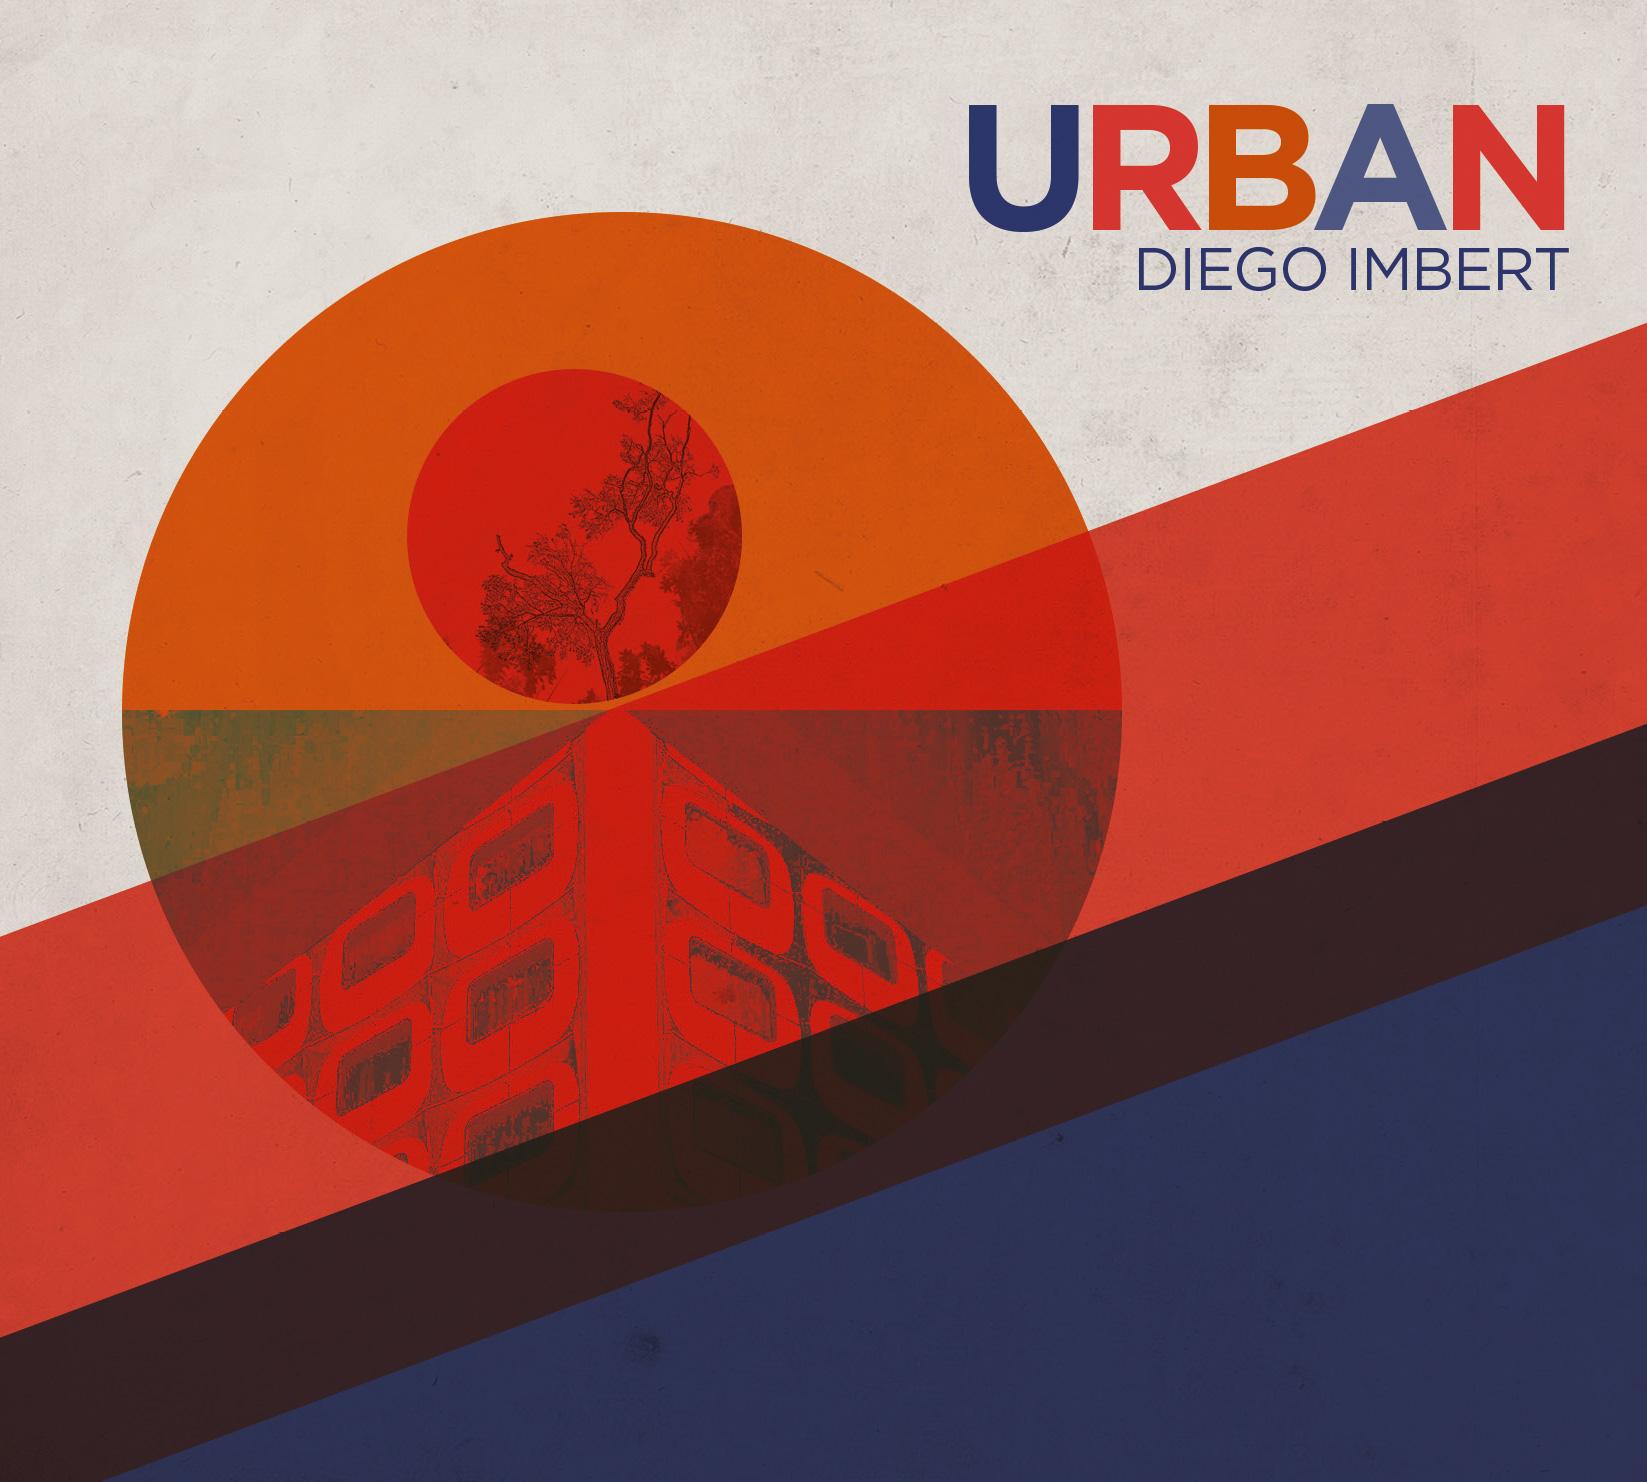 Urban-DiegoImbert-Img1